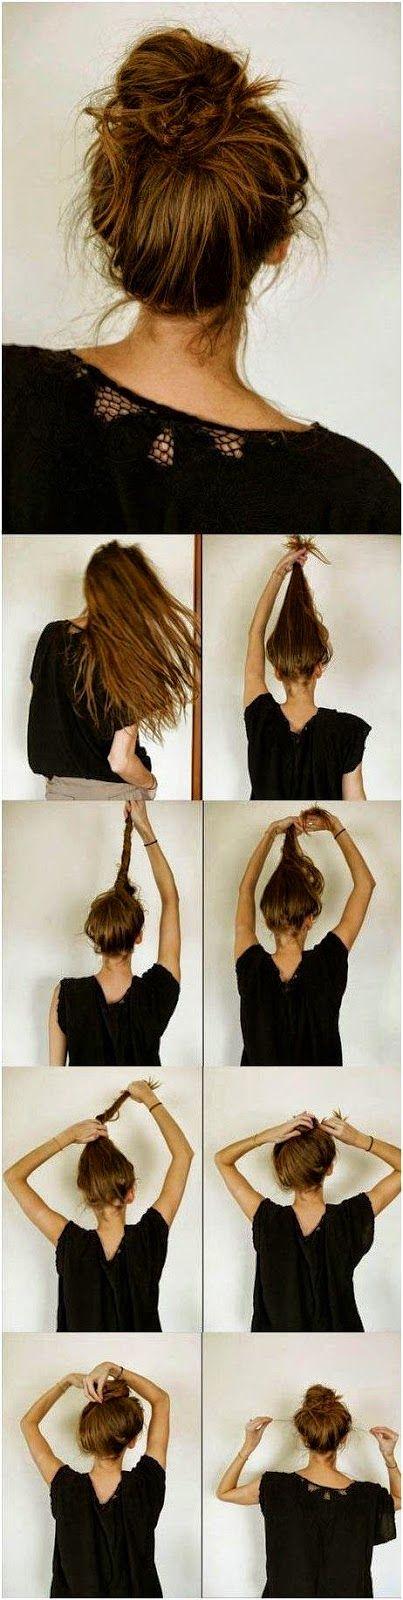 Acconciature capelli per la scuolaAcconciature capelli per la scuola